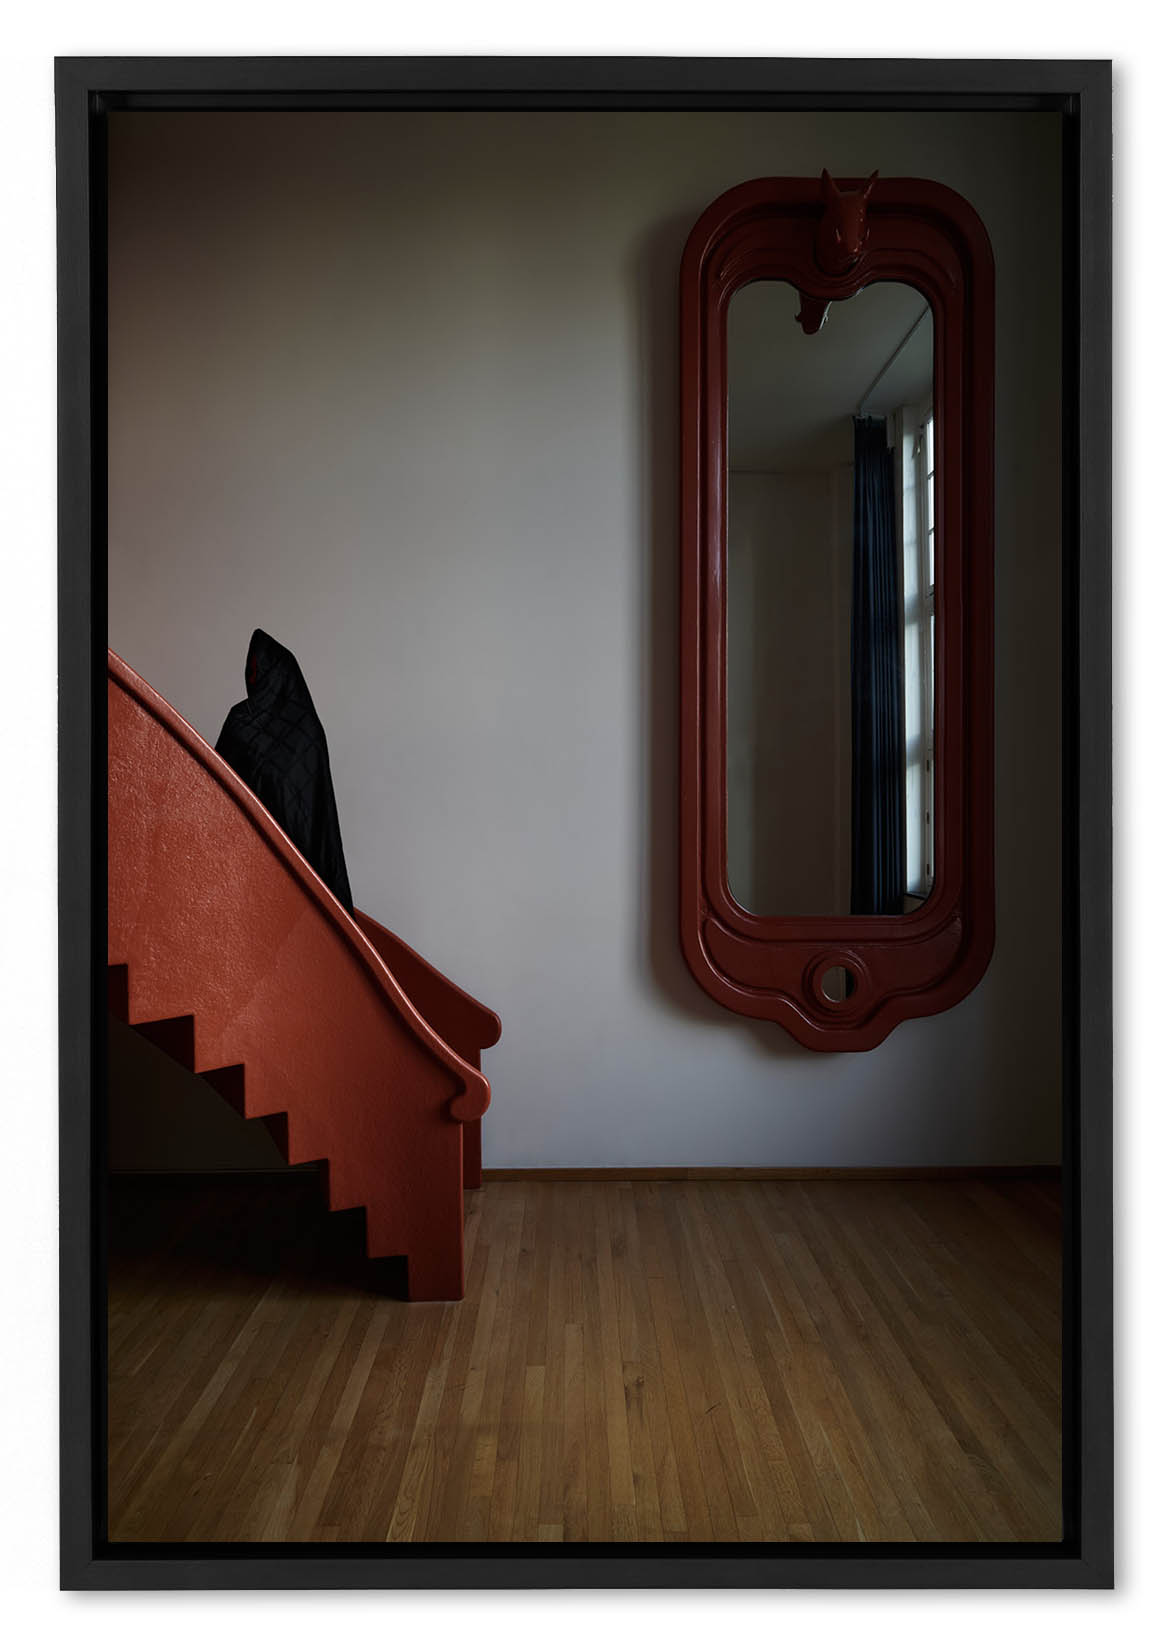 111_frame_1170